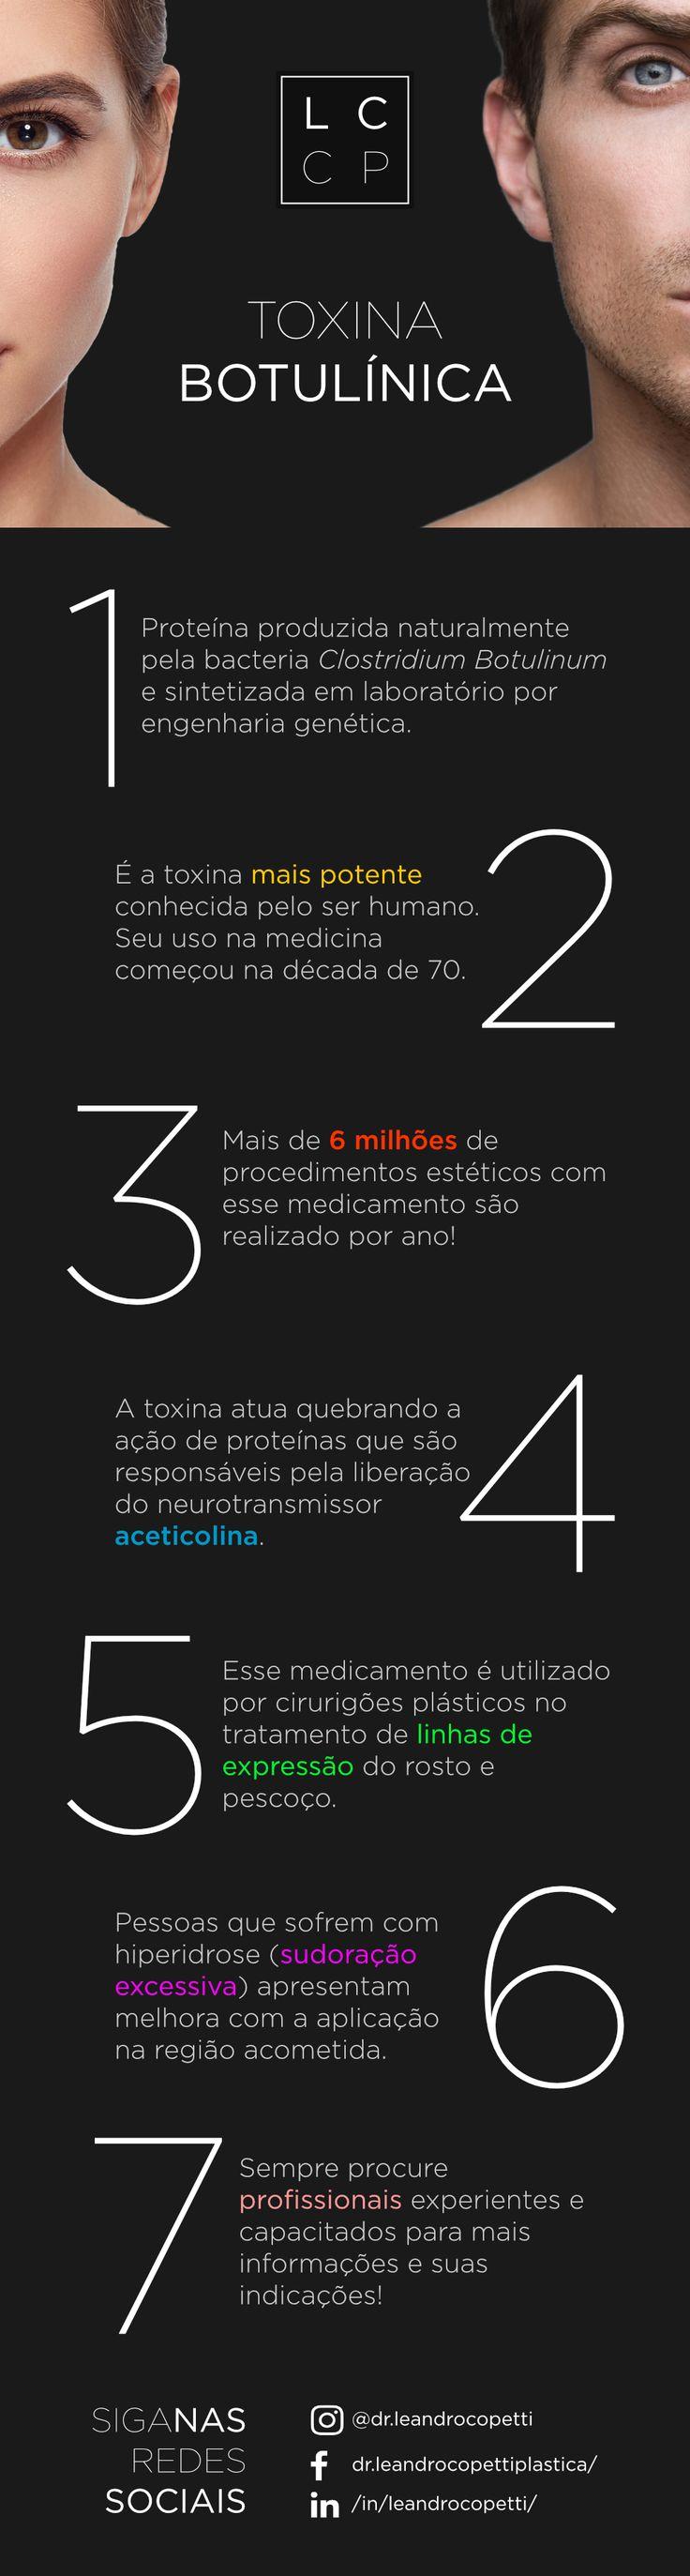 7 Curiosidades e informações sobre Toxina Botulínica em Cirurgia Plástica. Beleza e Estética.